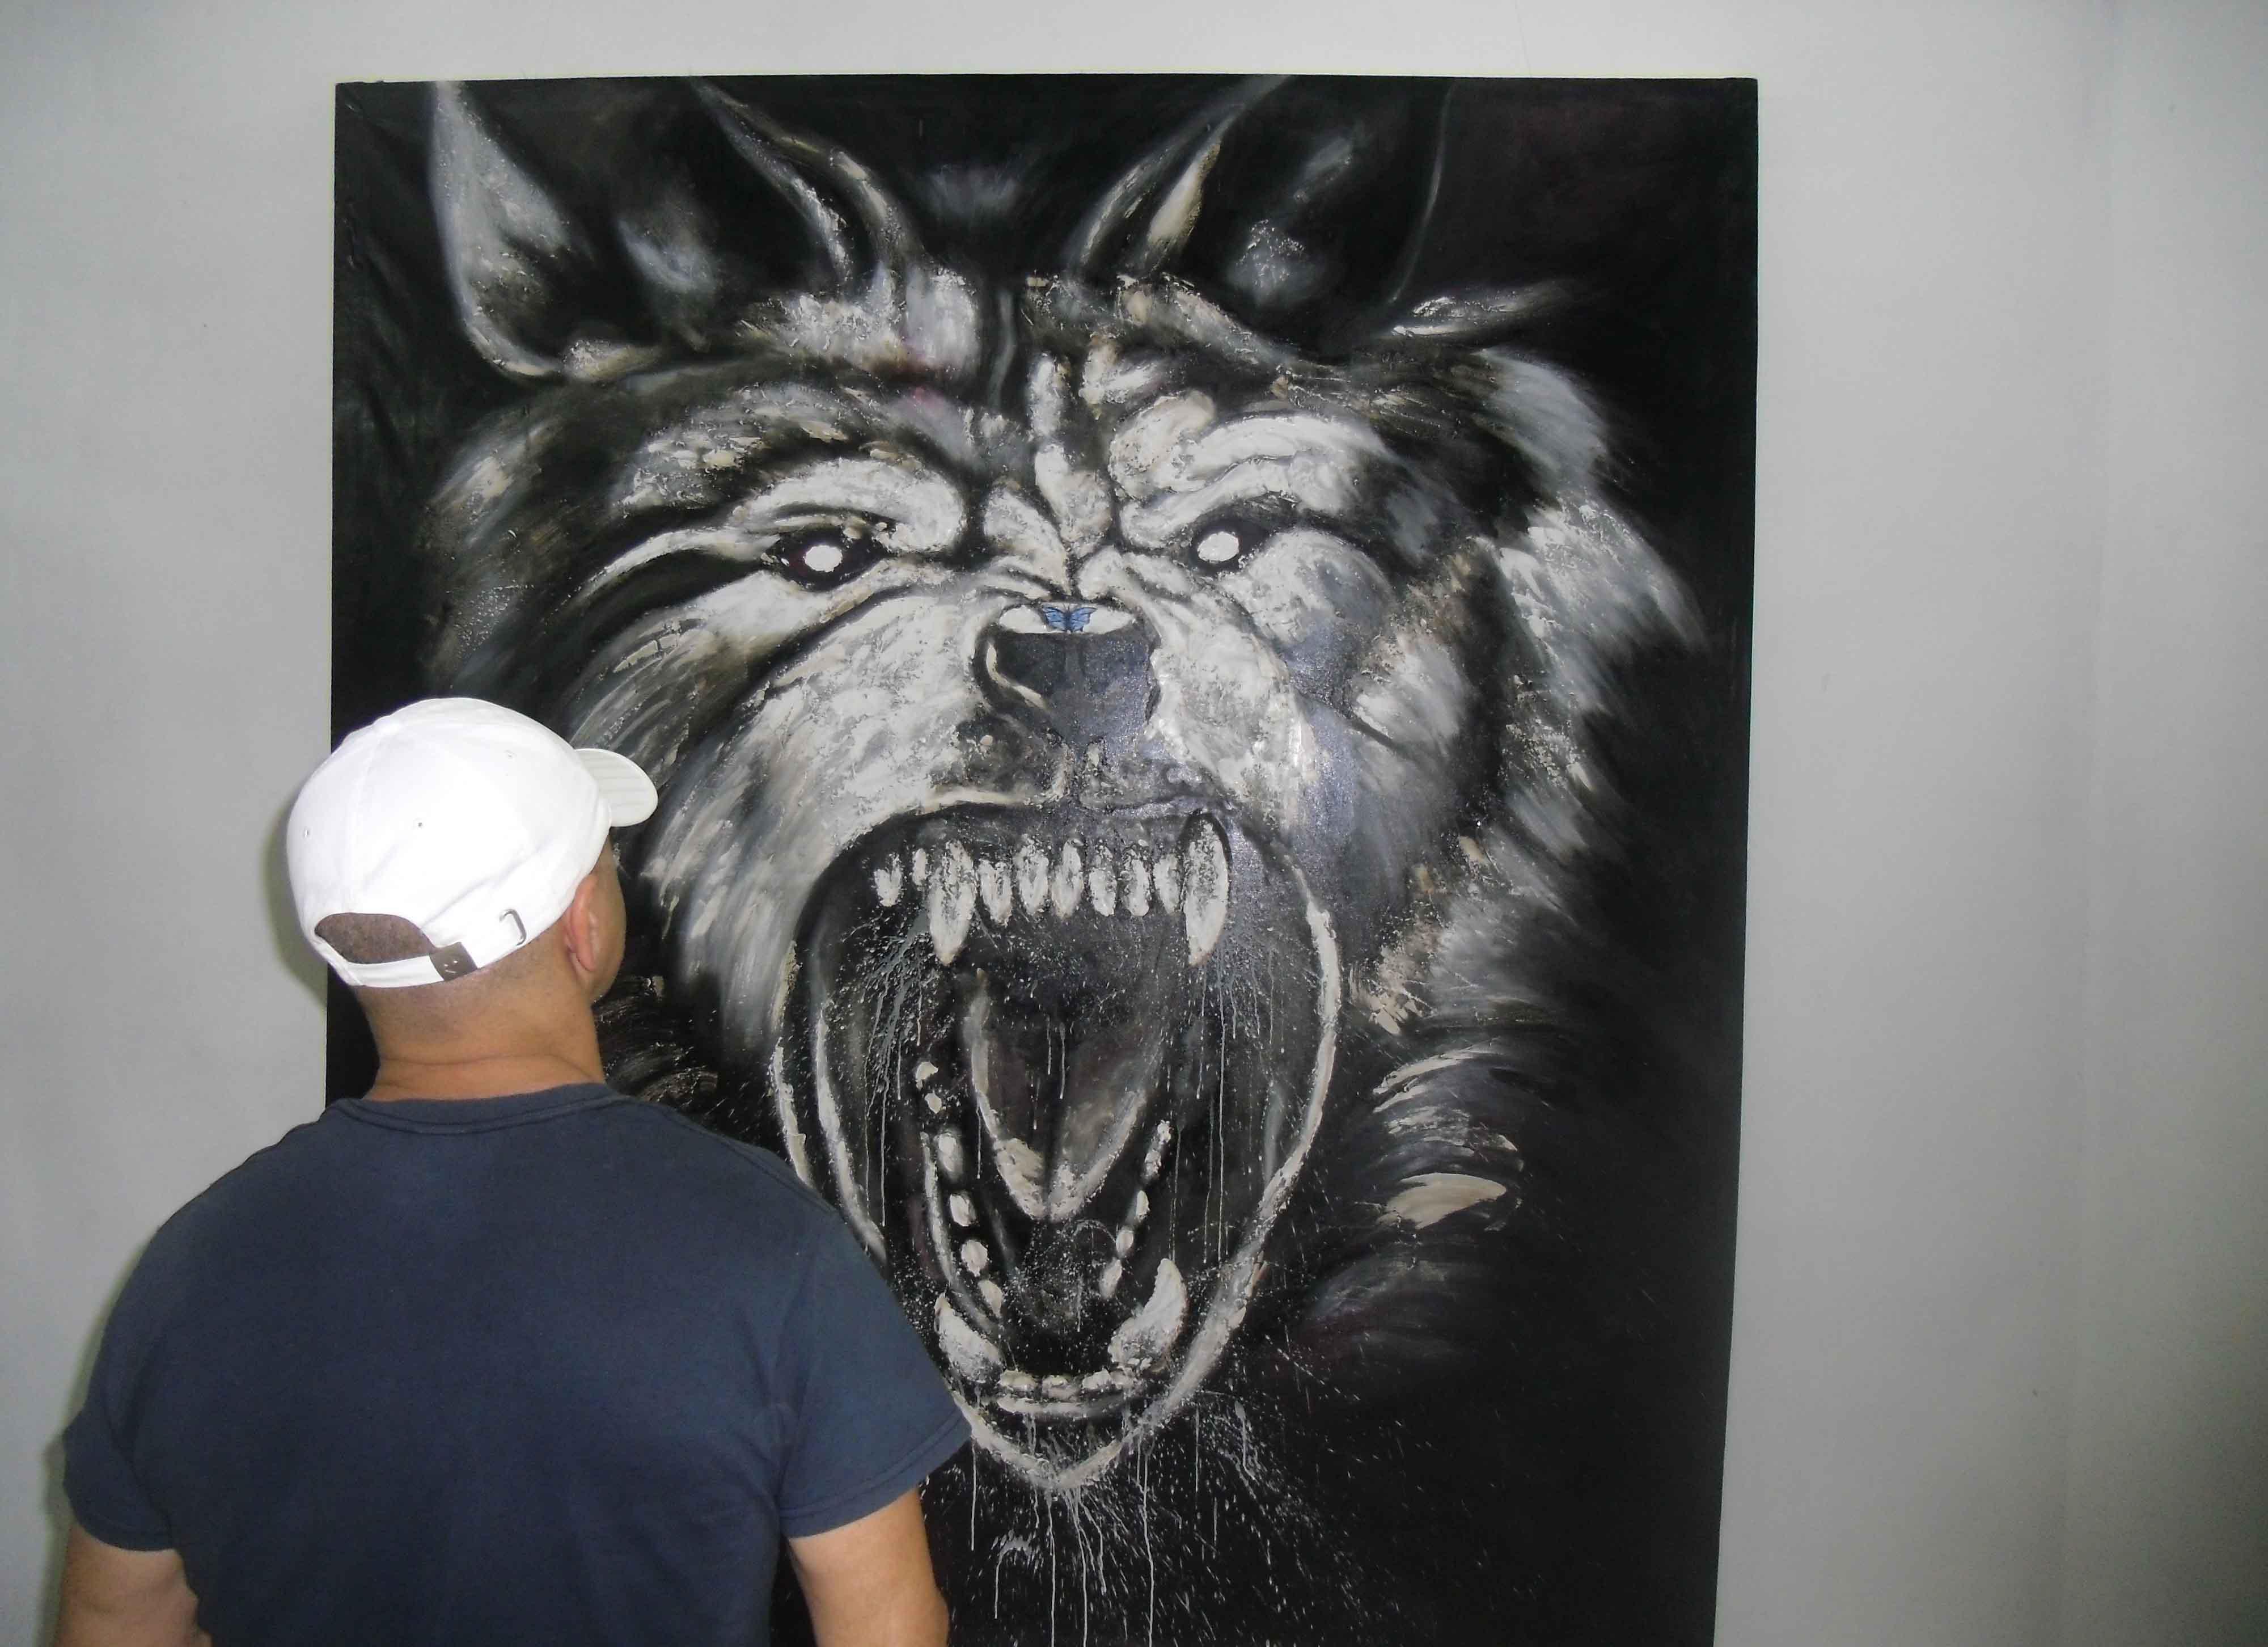 La muestra Y sin embargo muevo la cola…, se exhibe en la Galería de arte Oscar Fernández Morera. (Foto: Lisandra Gómez)